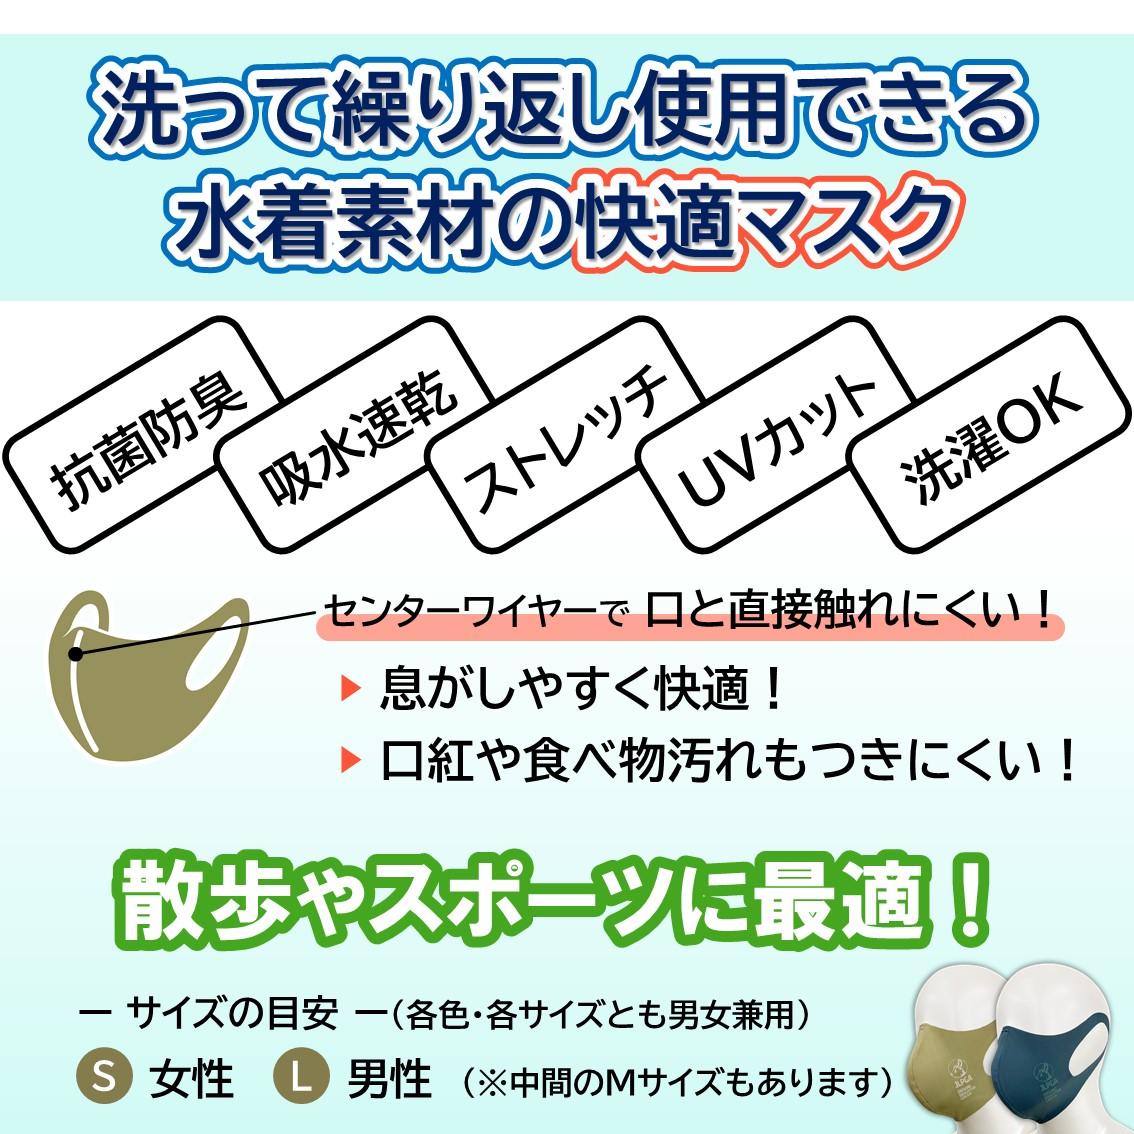 JLPGAセンターワイヤー入りマスク/チャコール